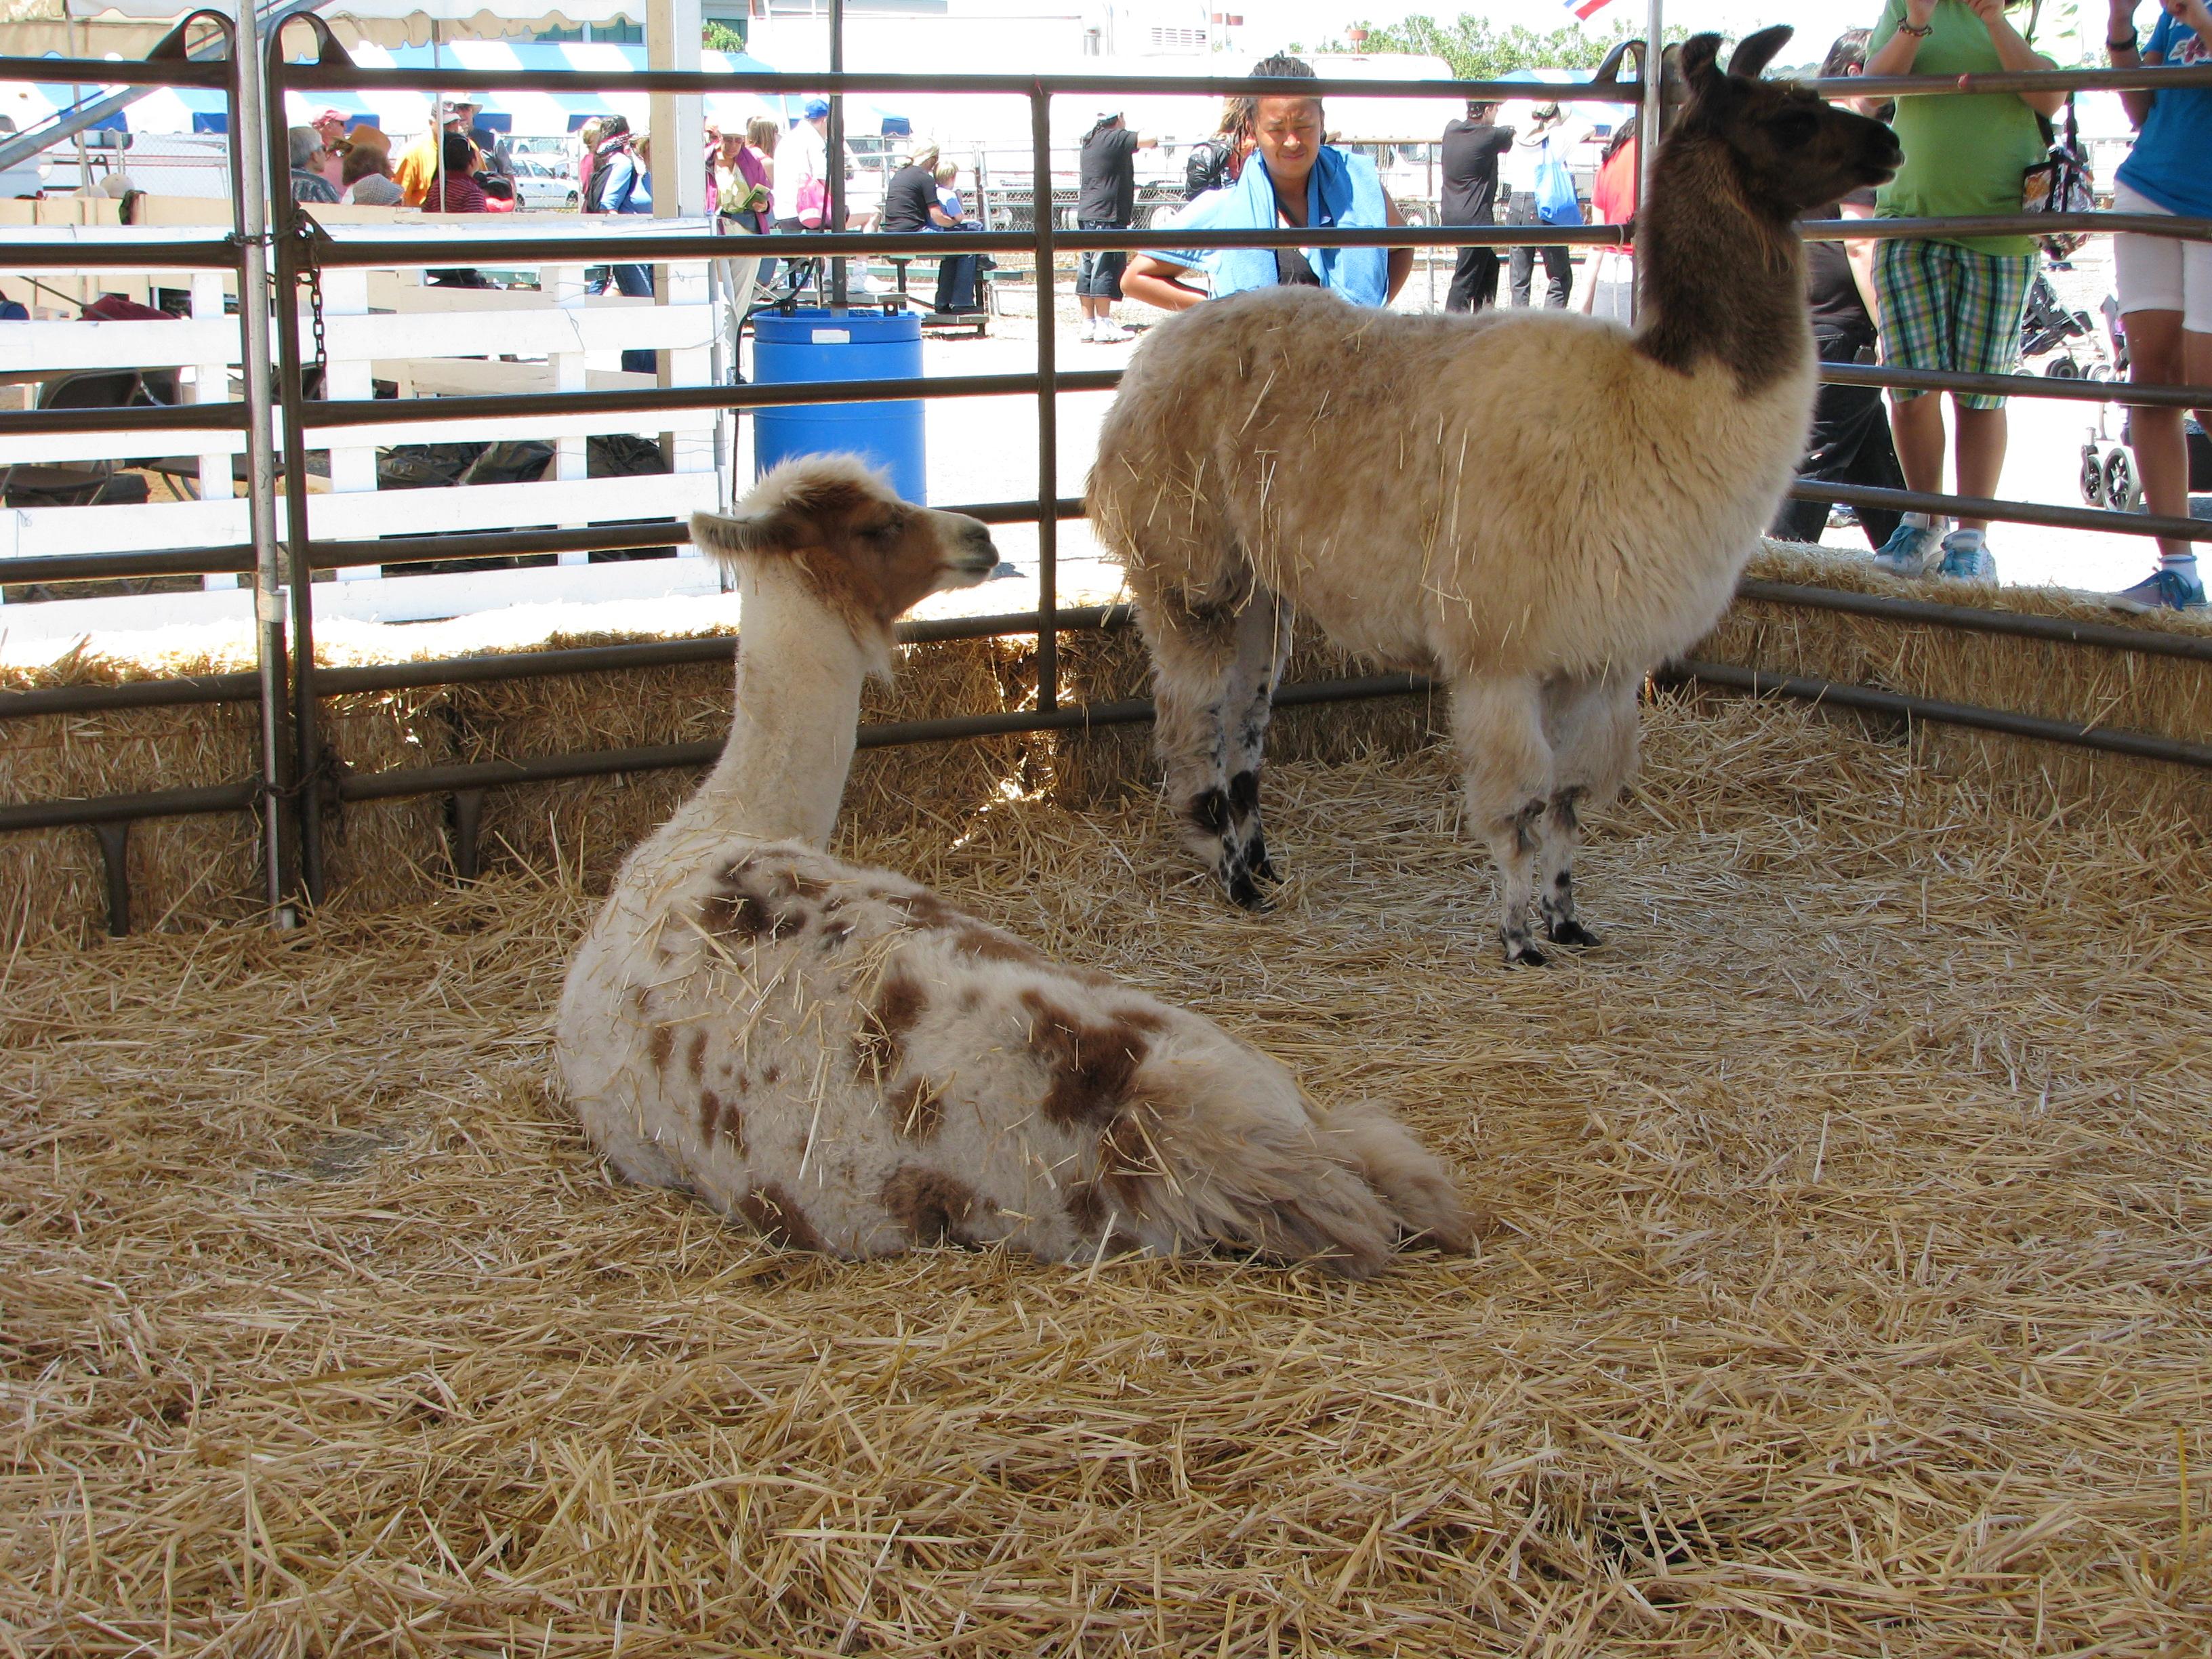 Llamas at the Marin County Fair